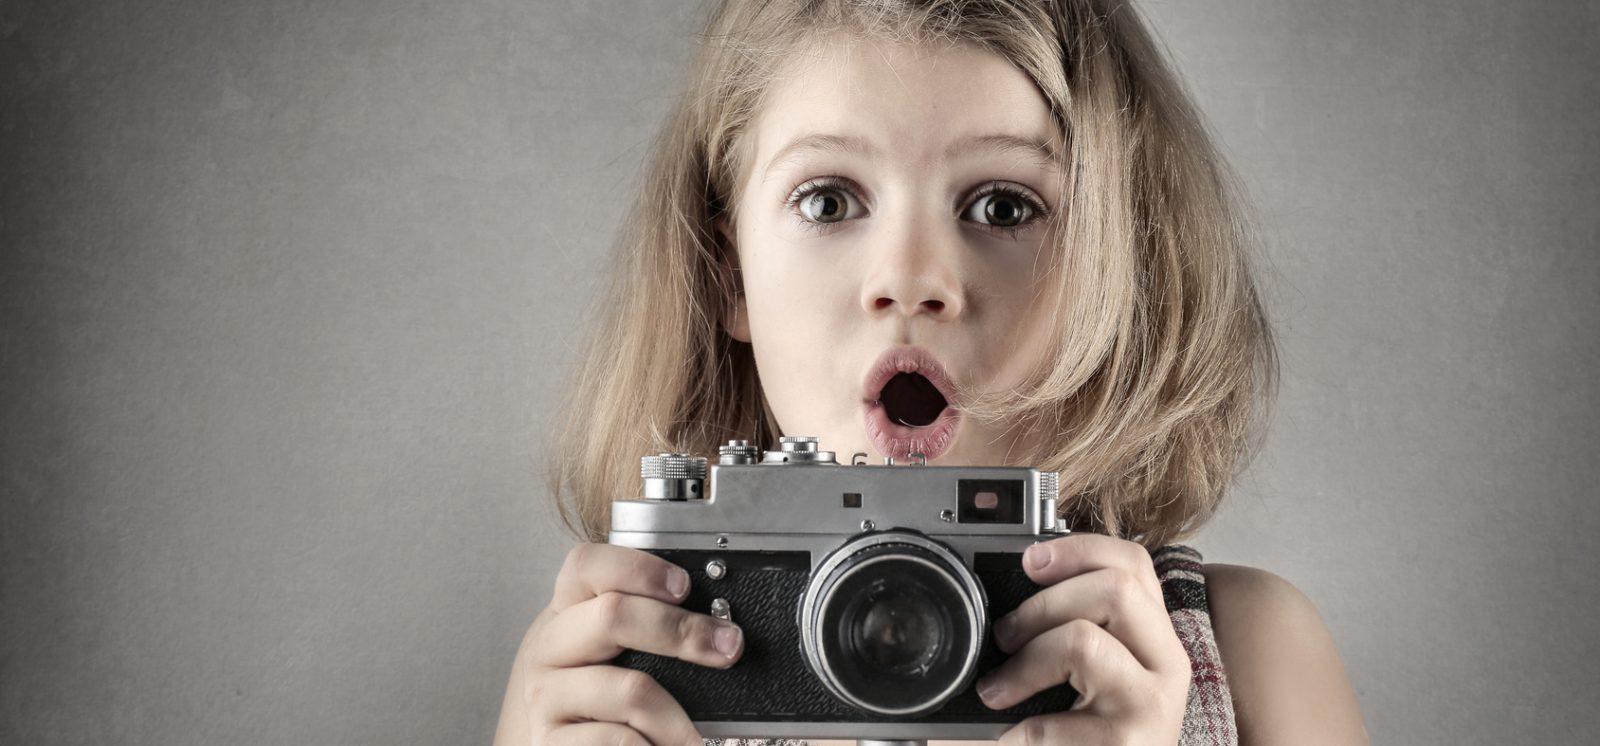 Rozwój finansowy dziecka – kontrolowanie wydatków